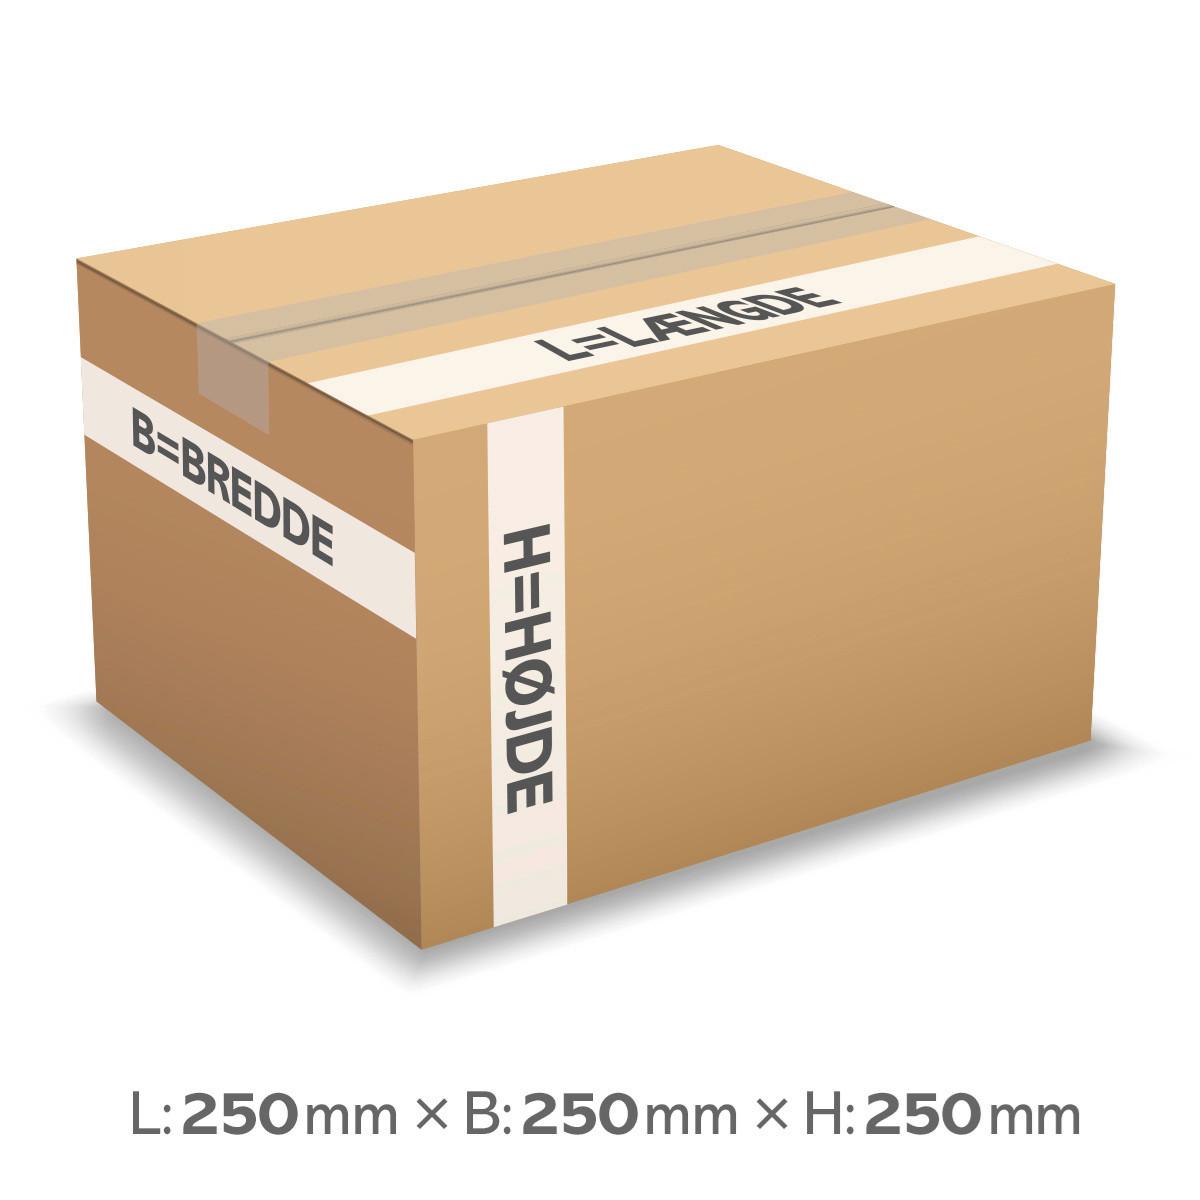 Papkasser 125 - 15L - 3mm - 250 x 250 x 250 mm